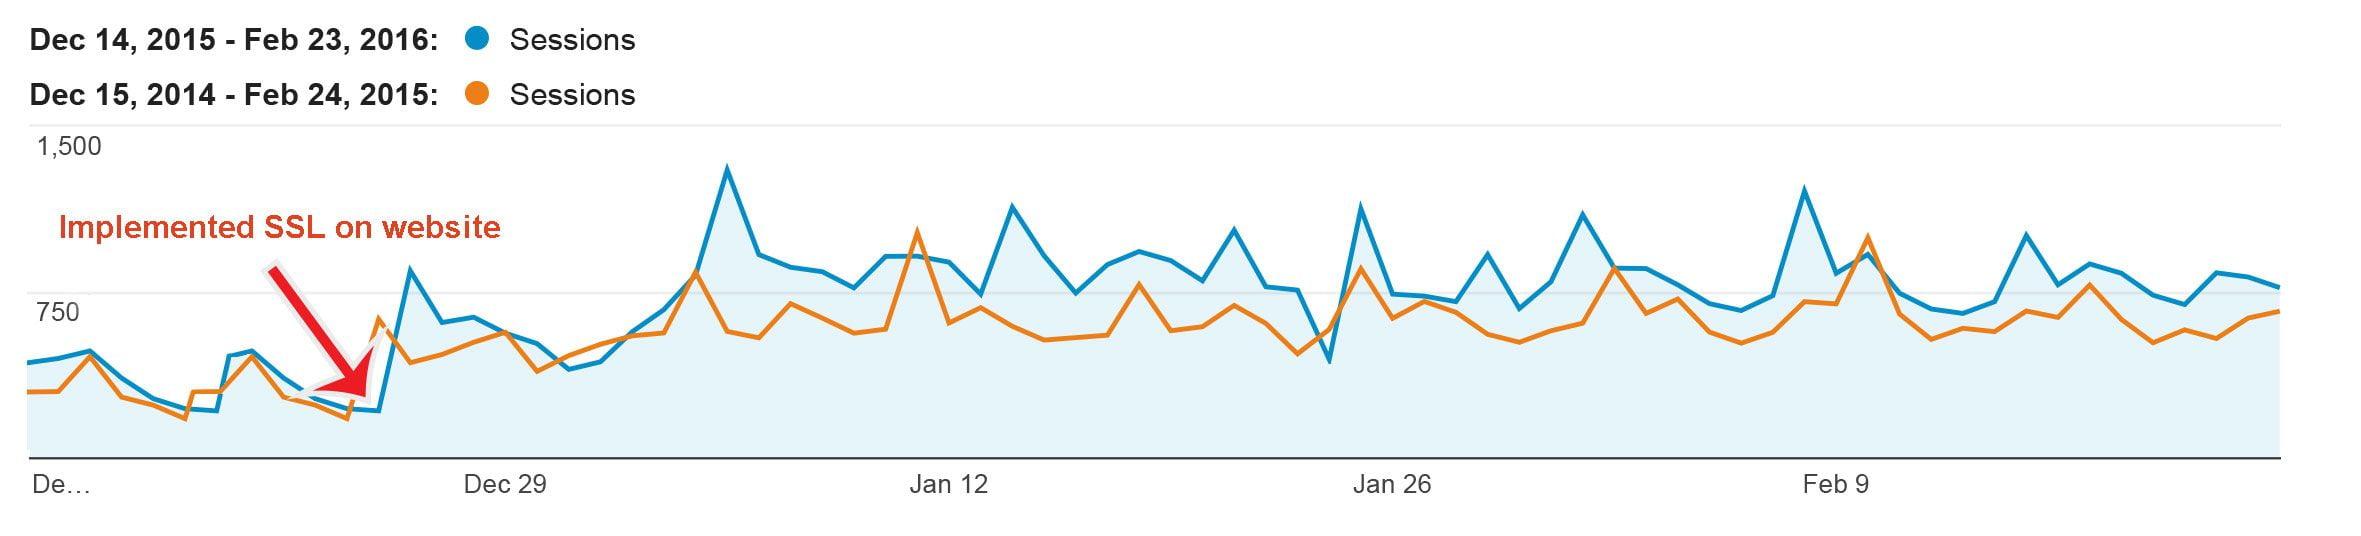 installed SSL traffic did not dip